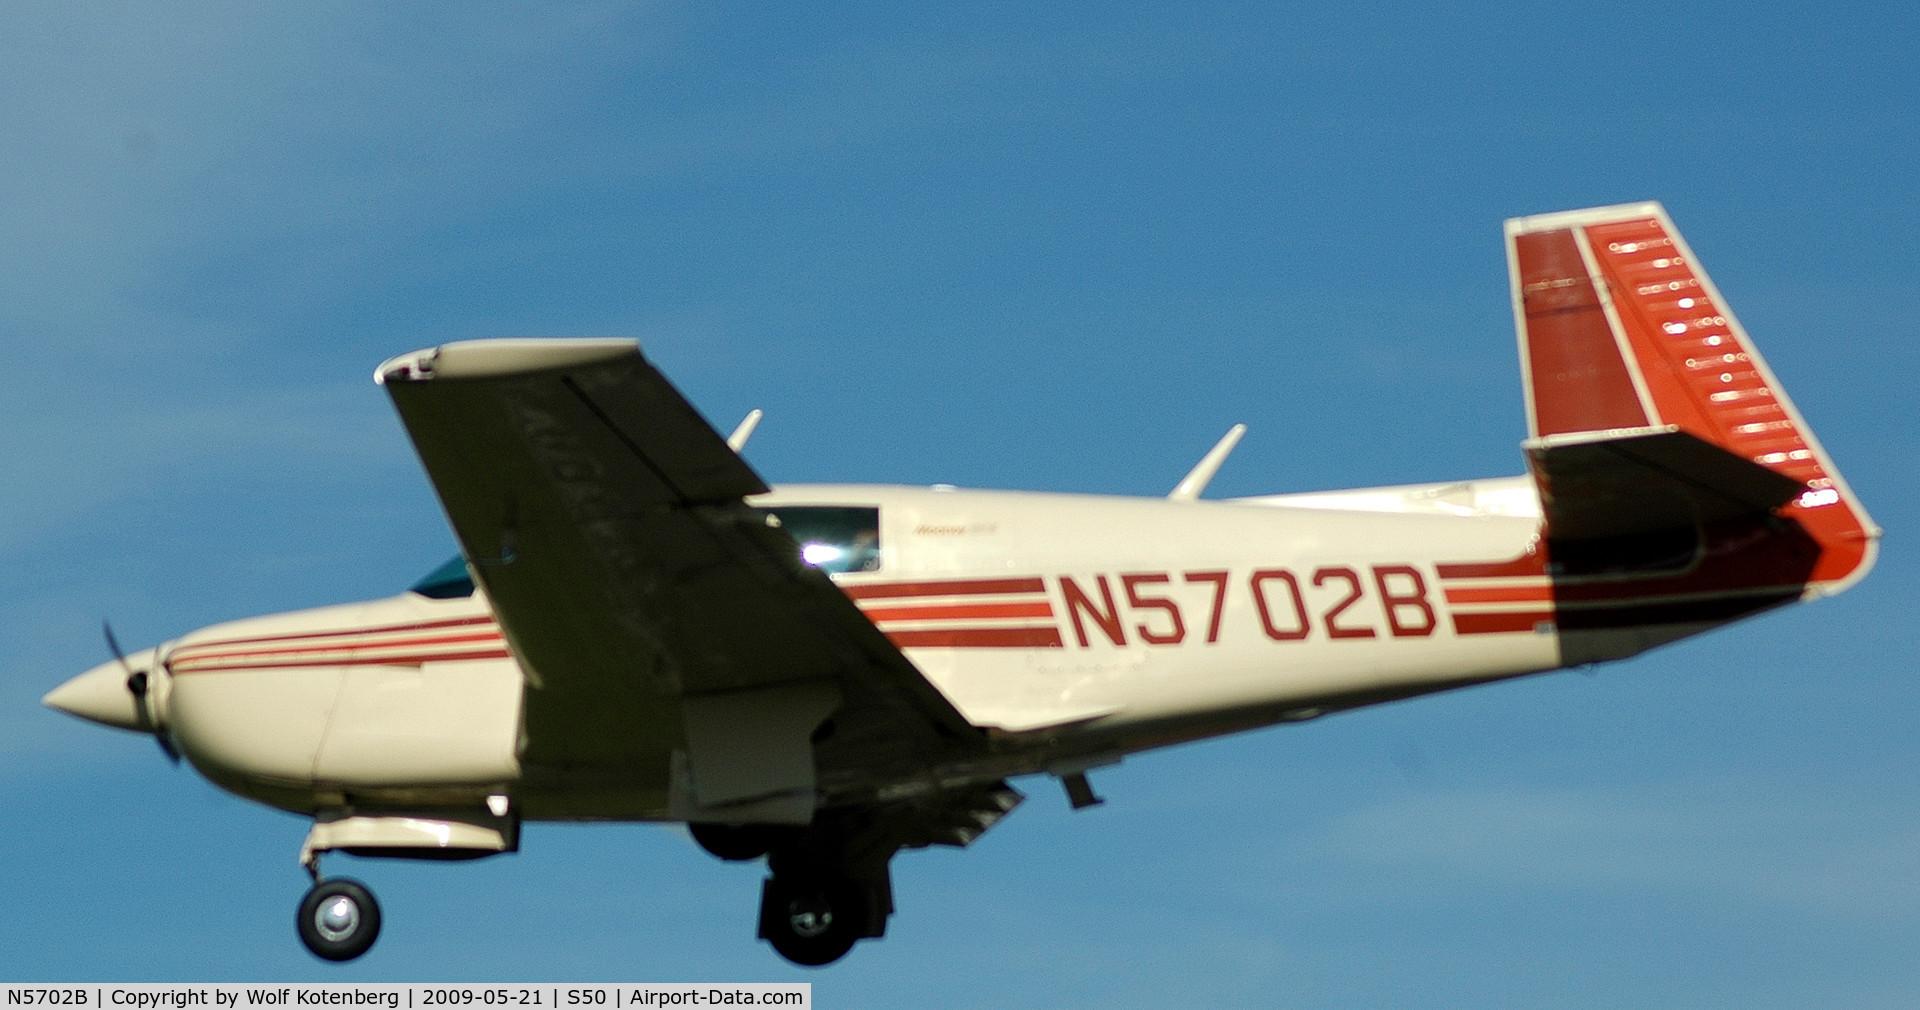 N5702B, 1983 Mooney M20J 201 C/N 24-1417, on final